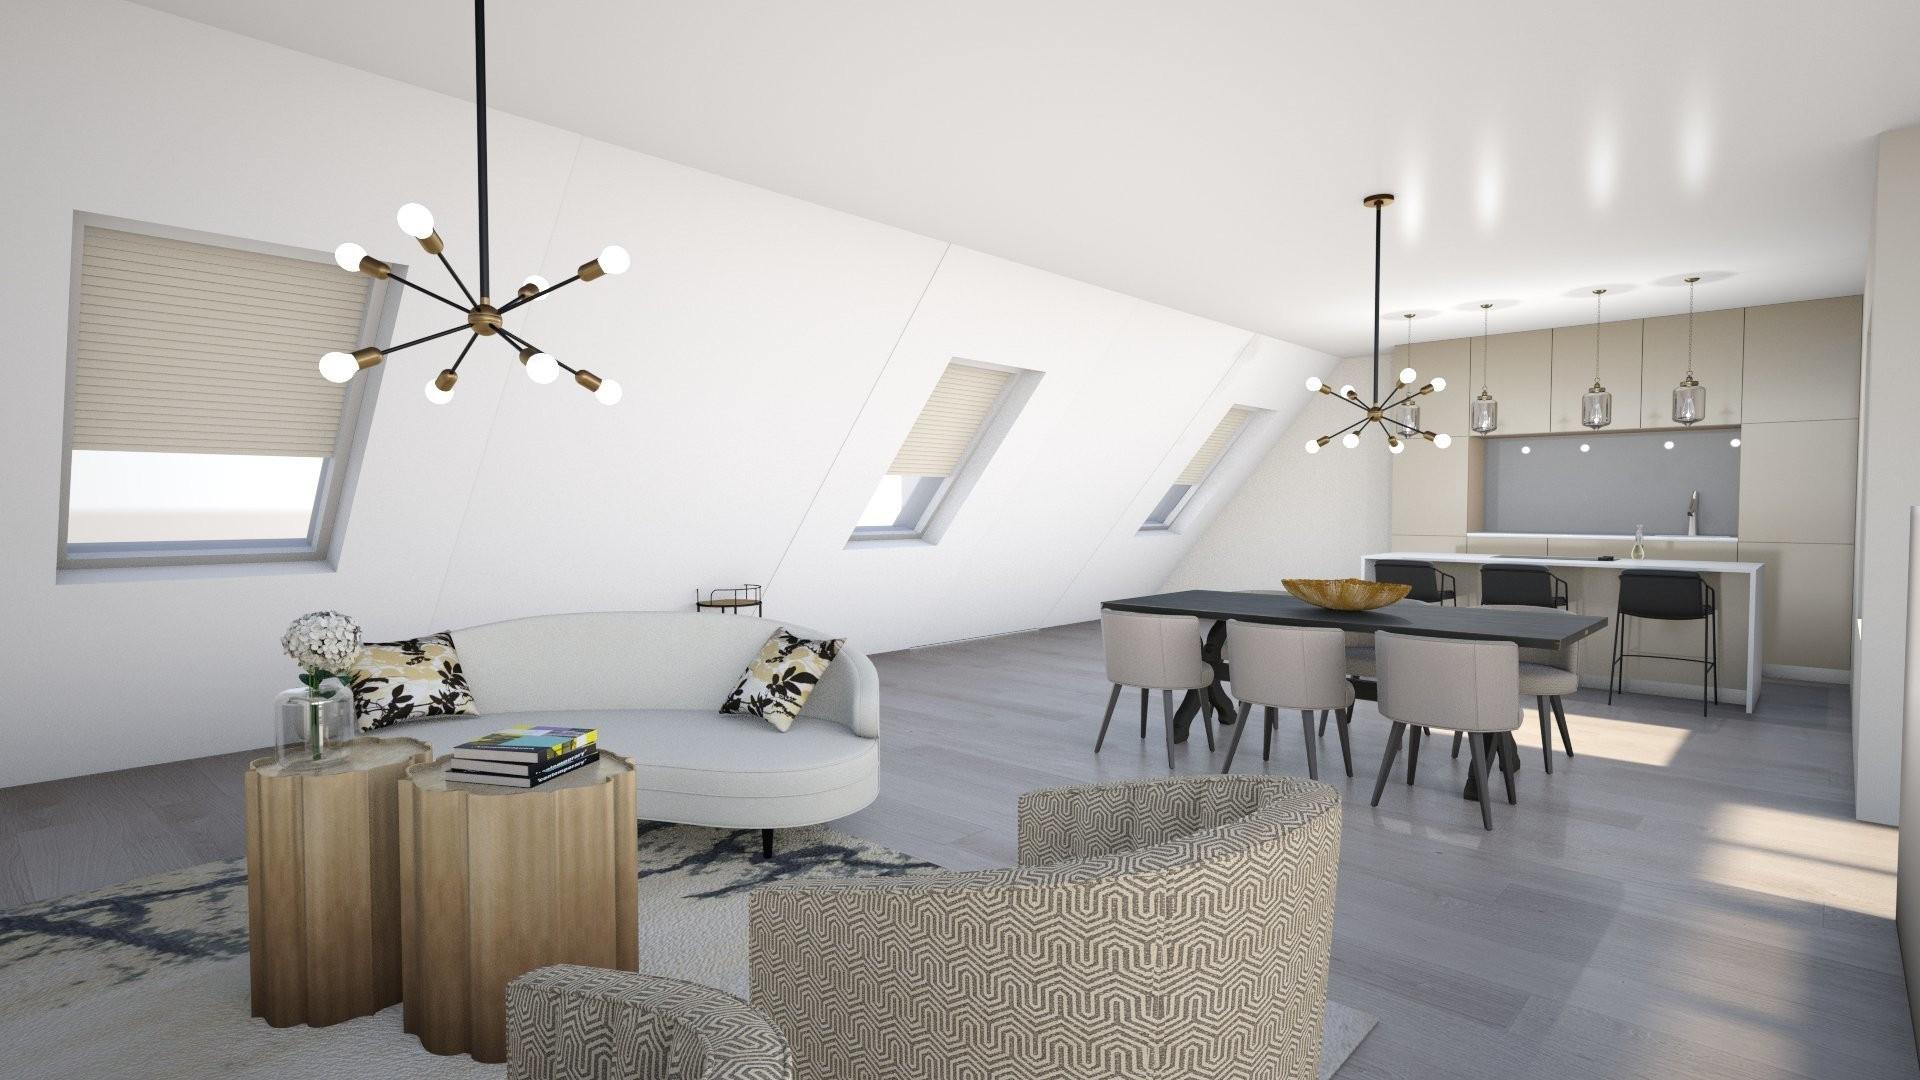 Traumhaftes Dachgeschoß mit vielen Gestaltungsmöglichkeiten